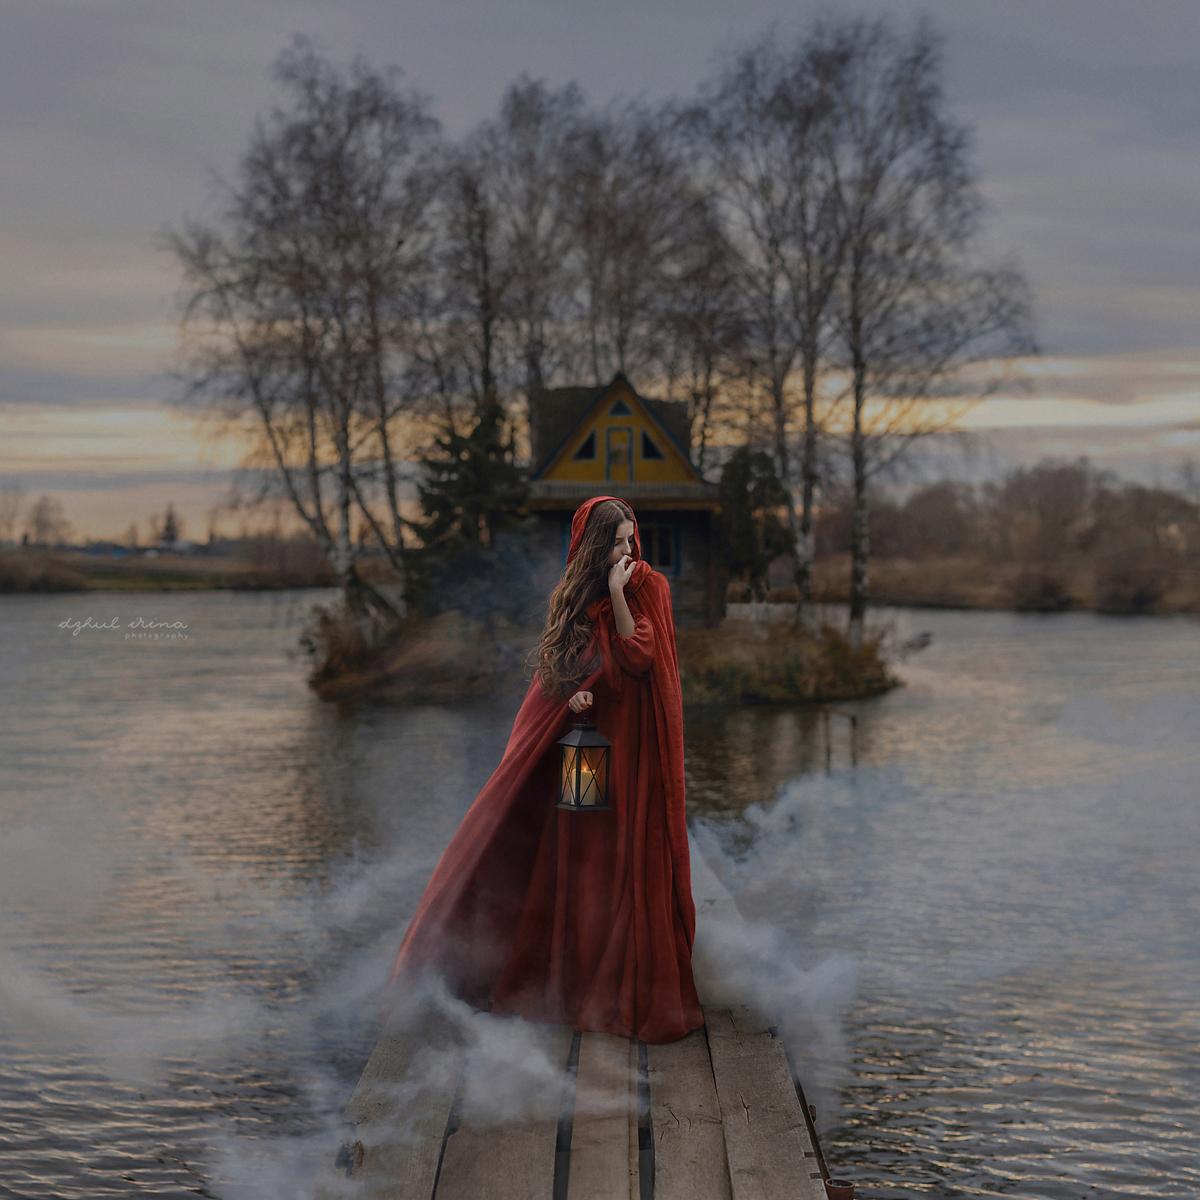 Фото Девушка в красном плаще с фонарем в руке стоит на мостике, ведущем к небольшому островку, фотограф Ирина Джуль